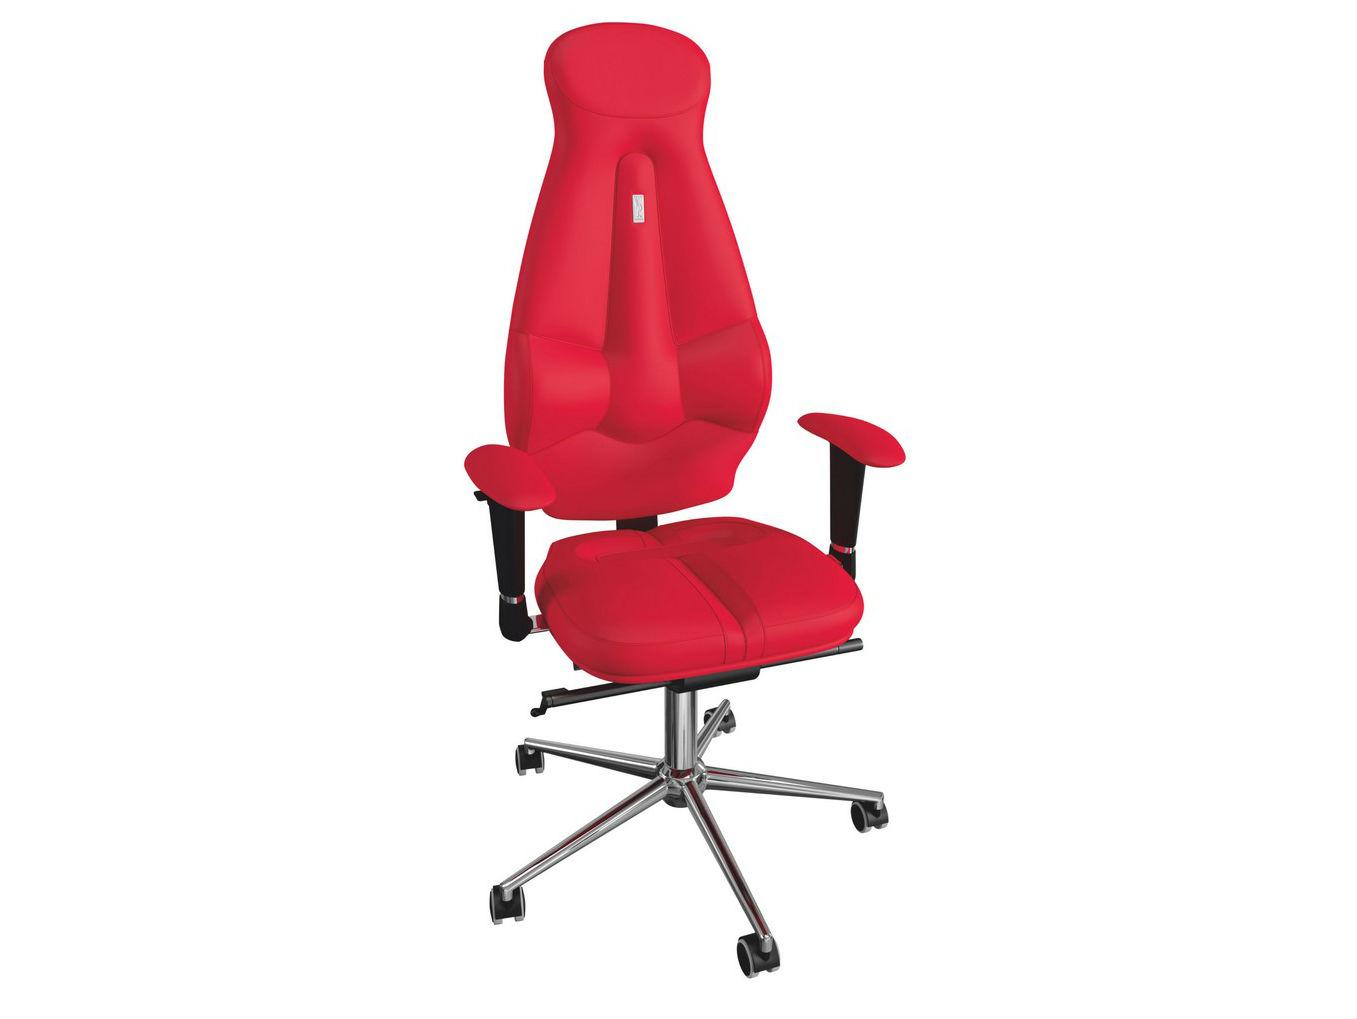 Кресло GALAXYРабочие кресла<br>В данной модели конструкторам удалось превосходно сочетать элегантный дизайн, первоклассную комфортность и полезную эргономику. Благодаря этим успешным составляющим модель Galaxy заслужено считается лучшим помощником эффективной работы.<br><br>Material: Кожа<br>Ширина см: 65<br>Высота см: 139<br>Глубина см: 56